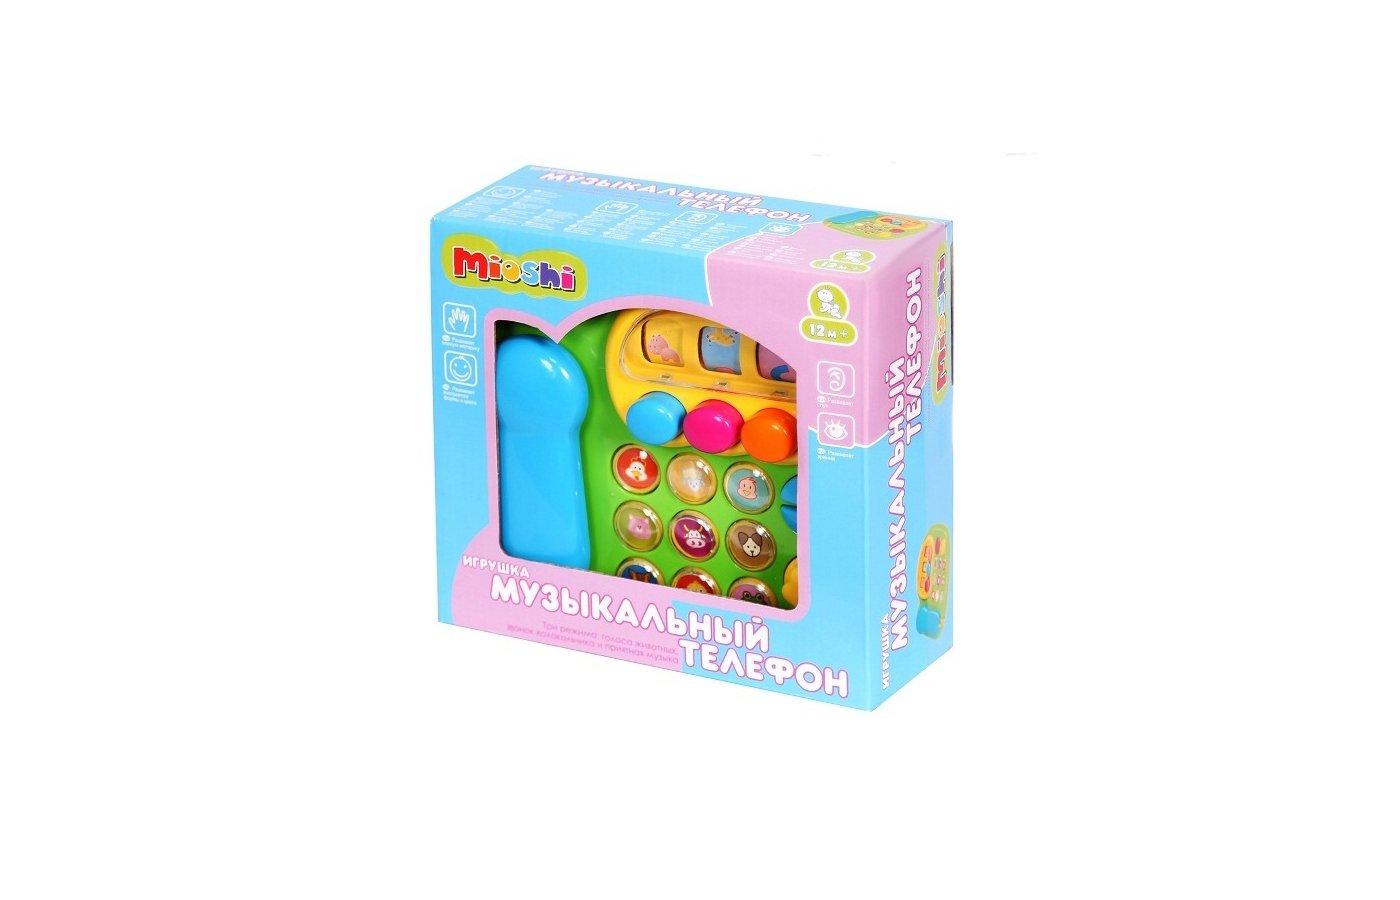 Игрушка Mioshi TY9056 Музыкальный телефон